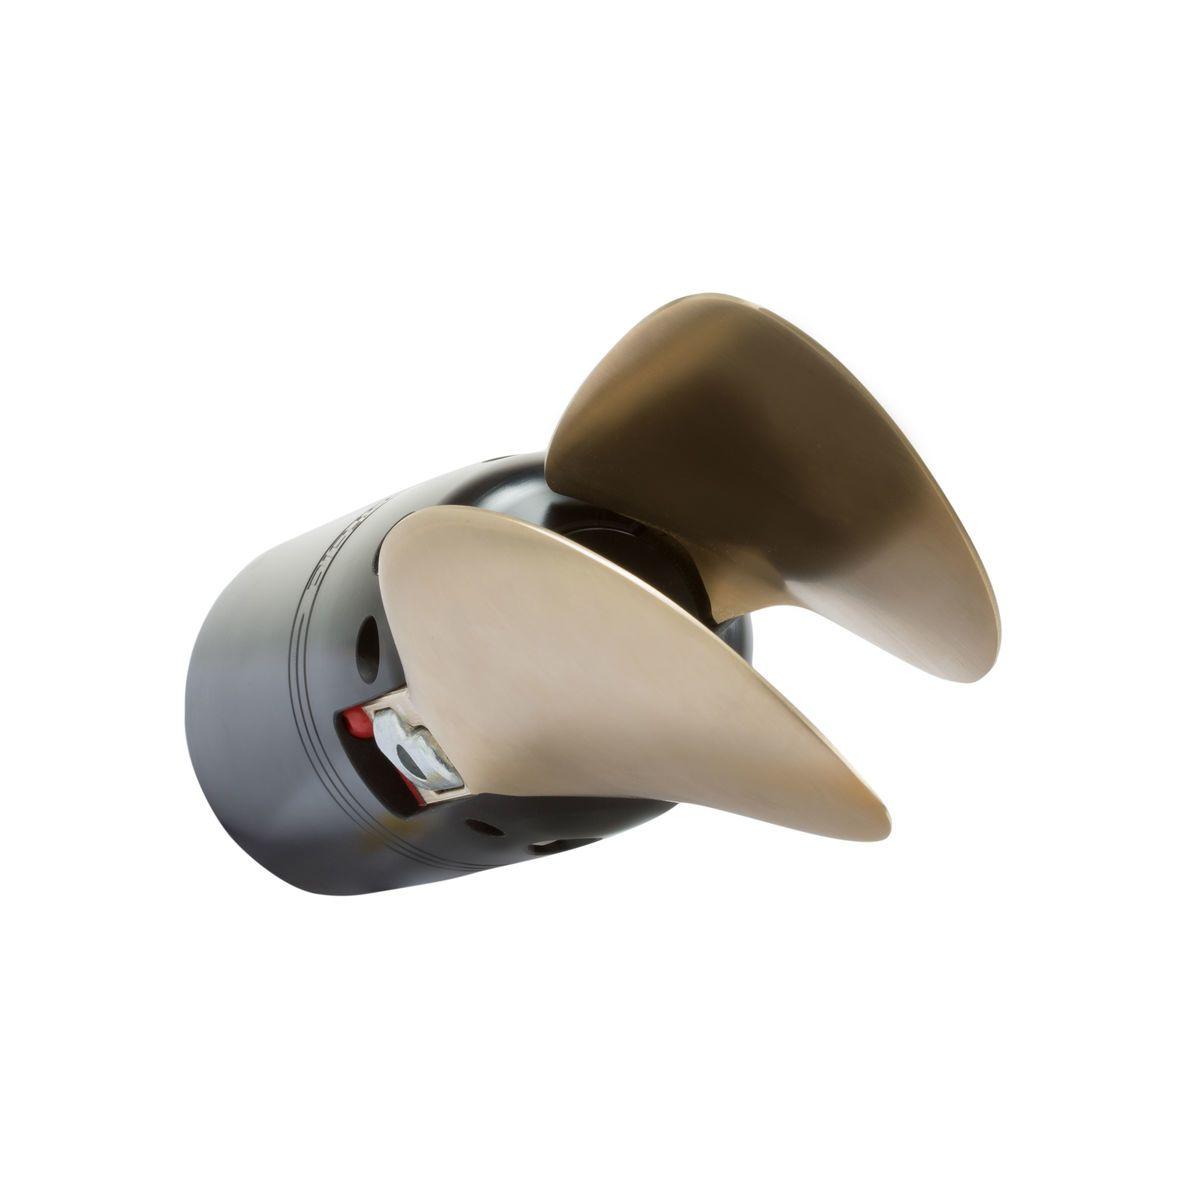 Faltpropeller v15/p10k Cruise 10.0 FP